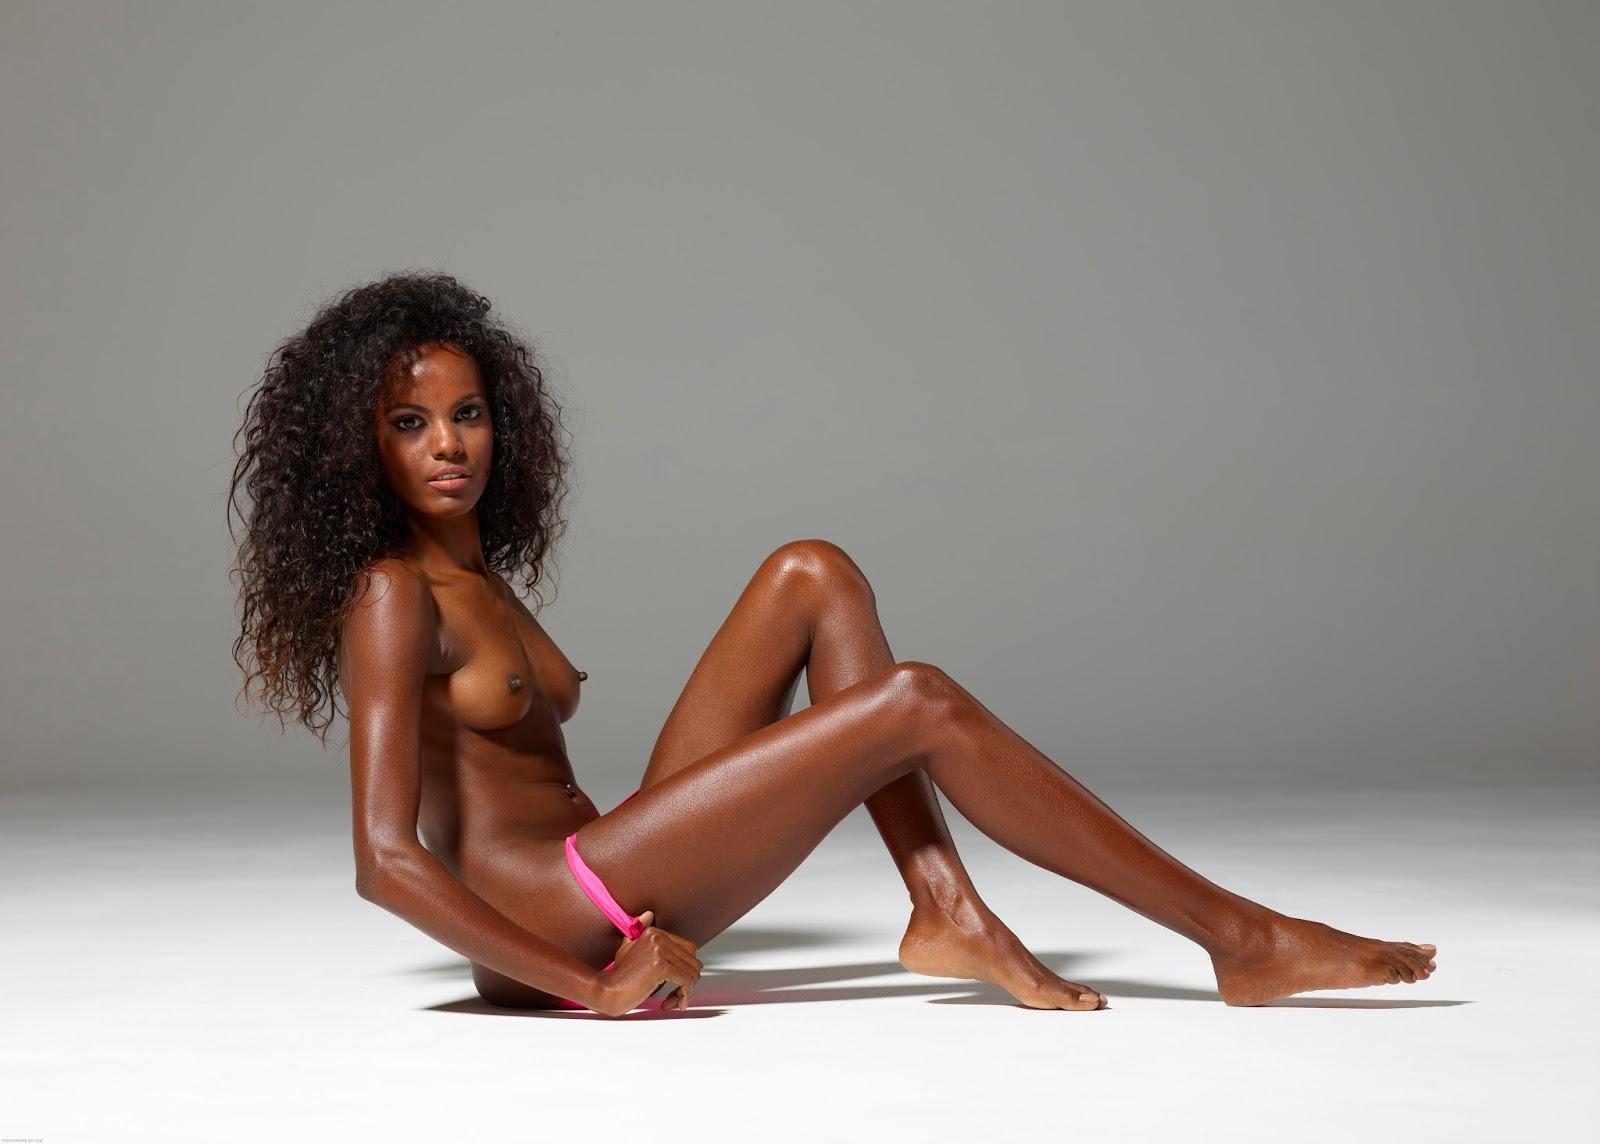 Porno-Video von Schwarzen